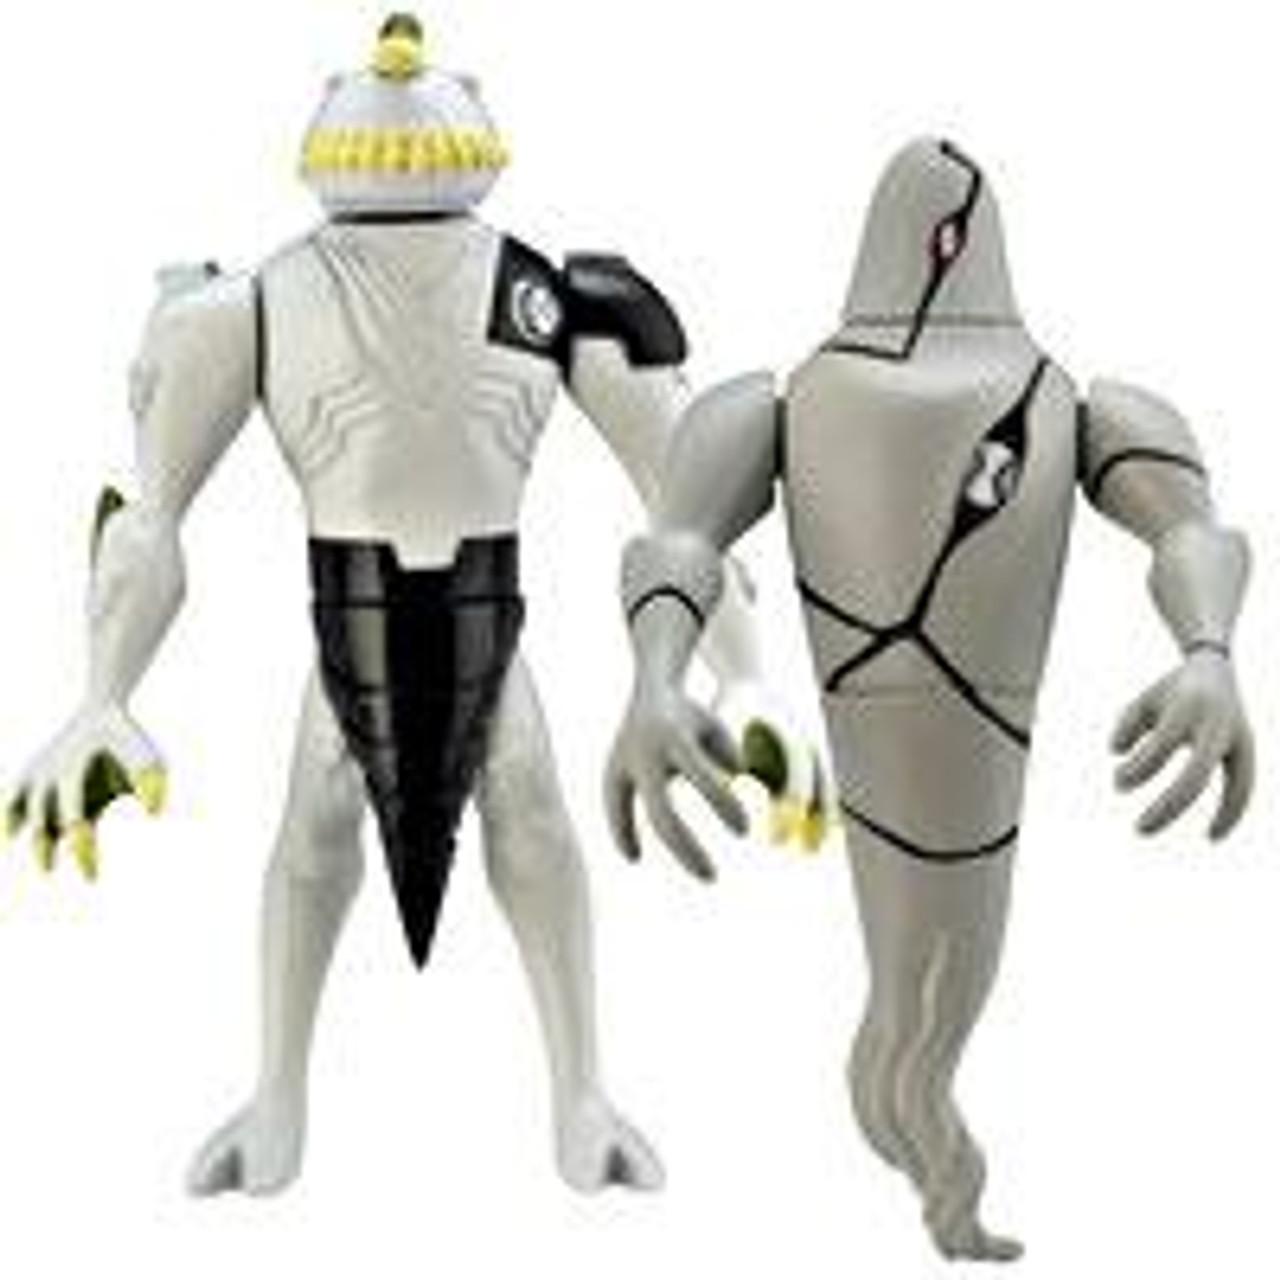 Ben 10 Alien Force Alien Creation Chamber Ripjaws & Ghostfreak Mini Figure 2-Pack